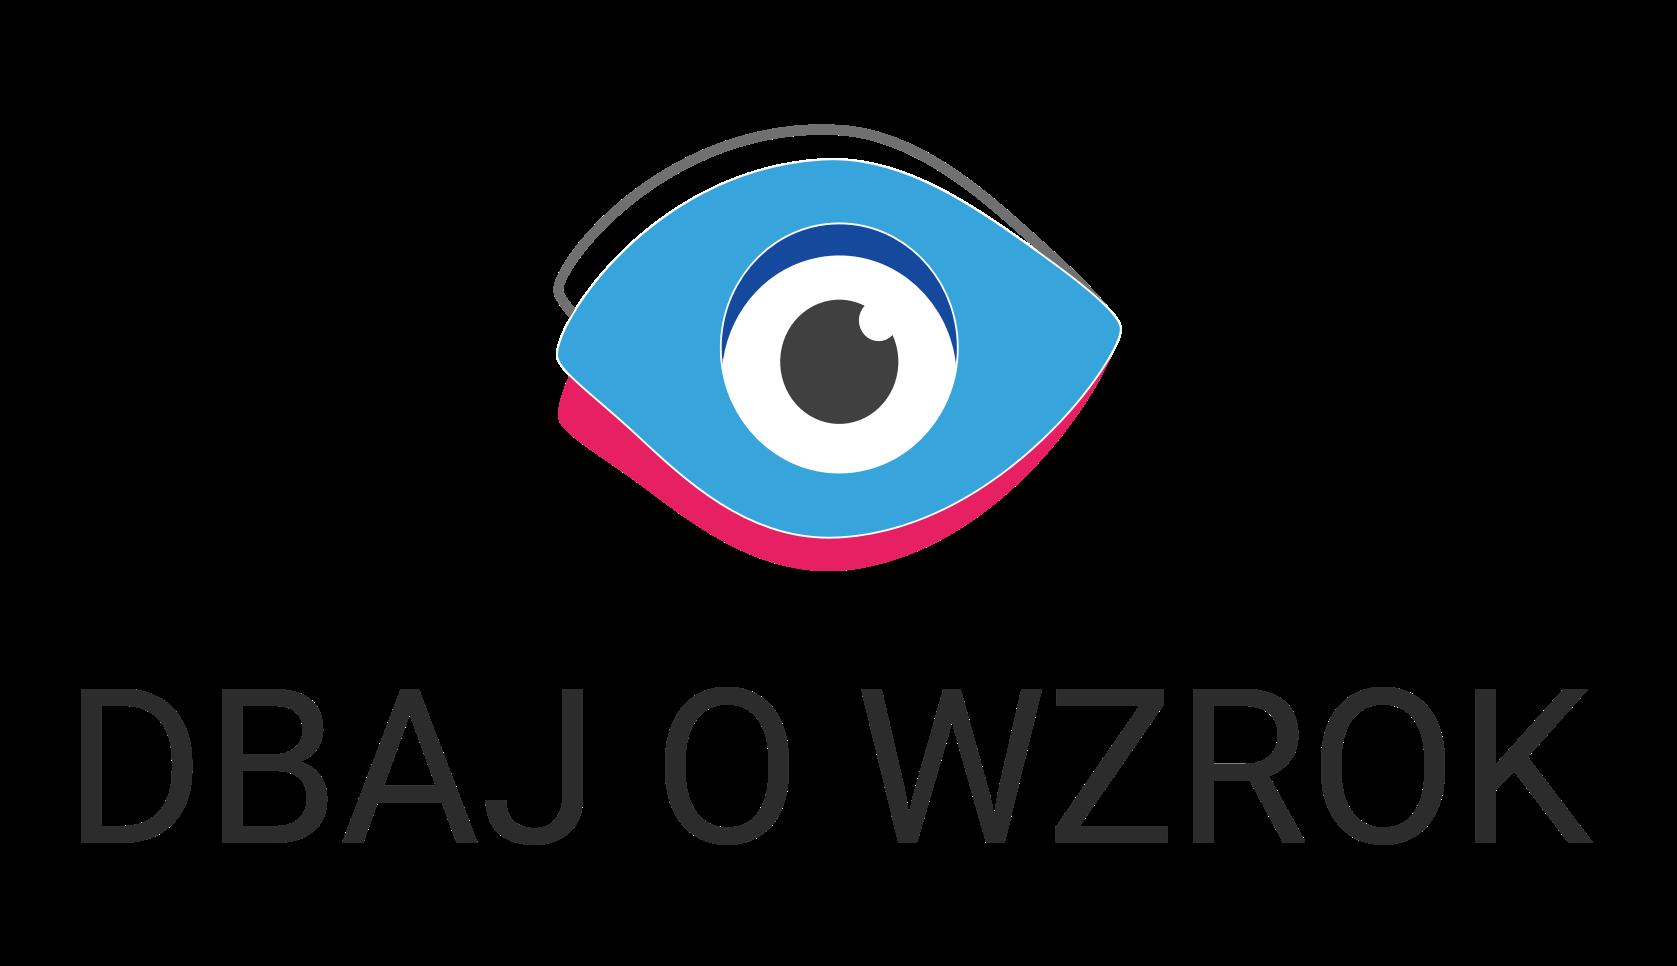 Dbaj o wzrok - blog